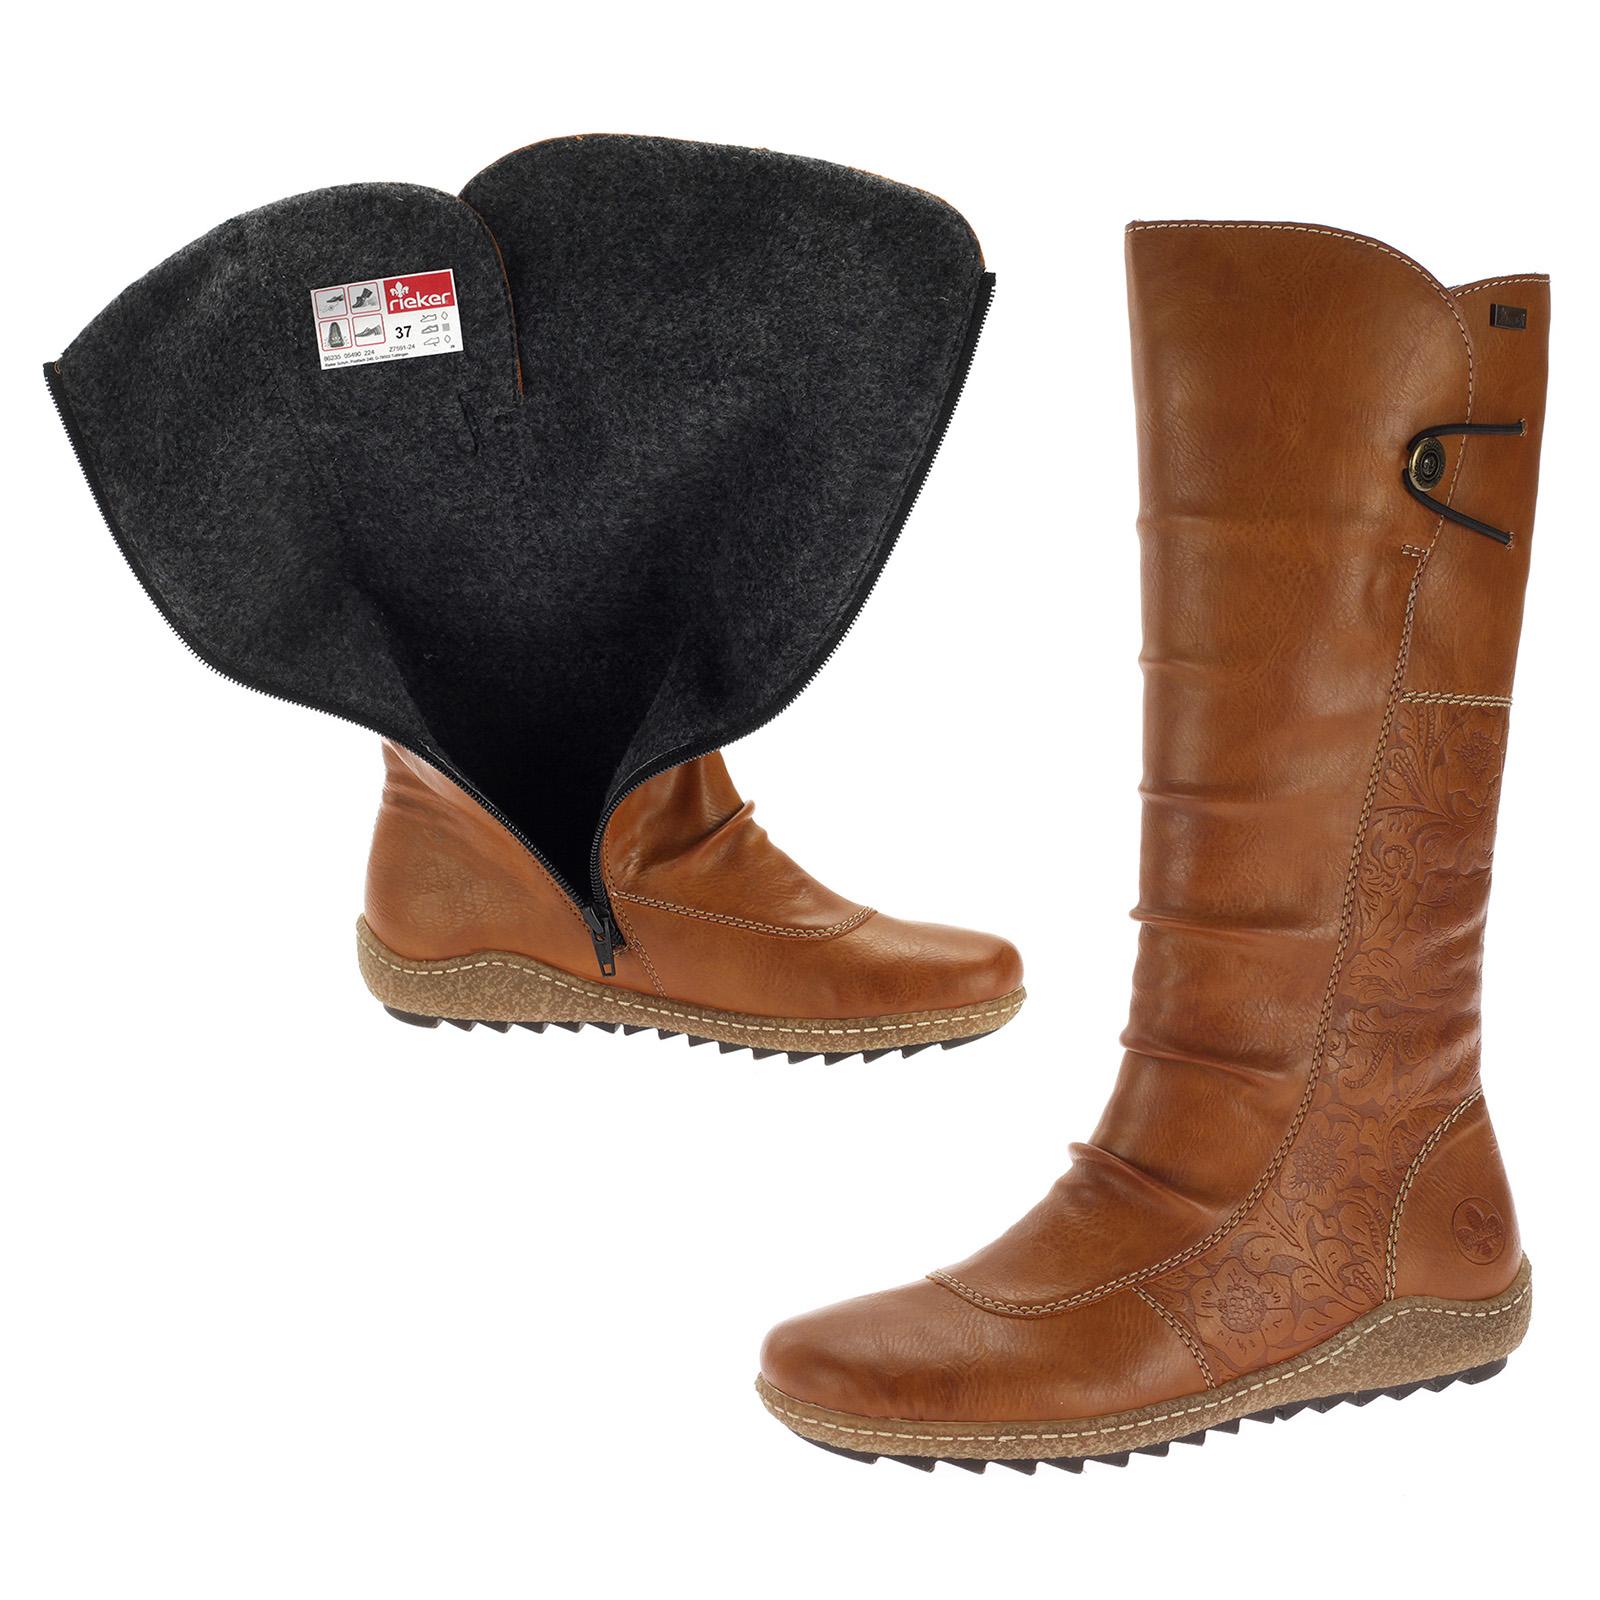 Rieker TEX Damenschuhe Stiefel Gefüfutterte Schuhe Boot Braun Z7591-24